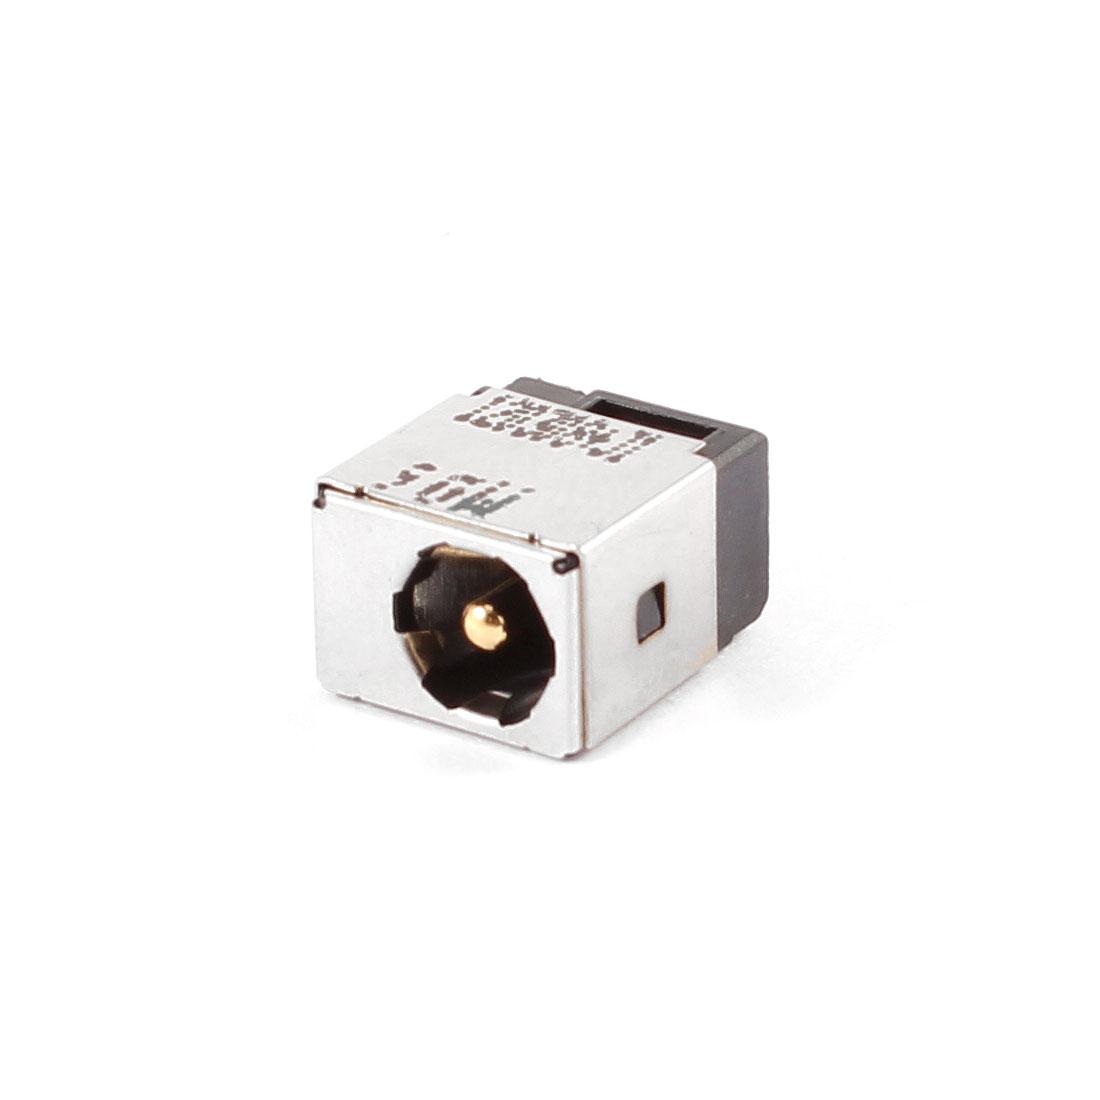 PJ386 DC Power Jack Connector Socket for ACER Aspire One Netbook D250